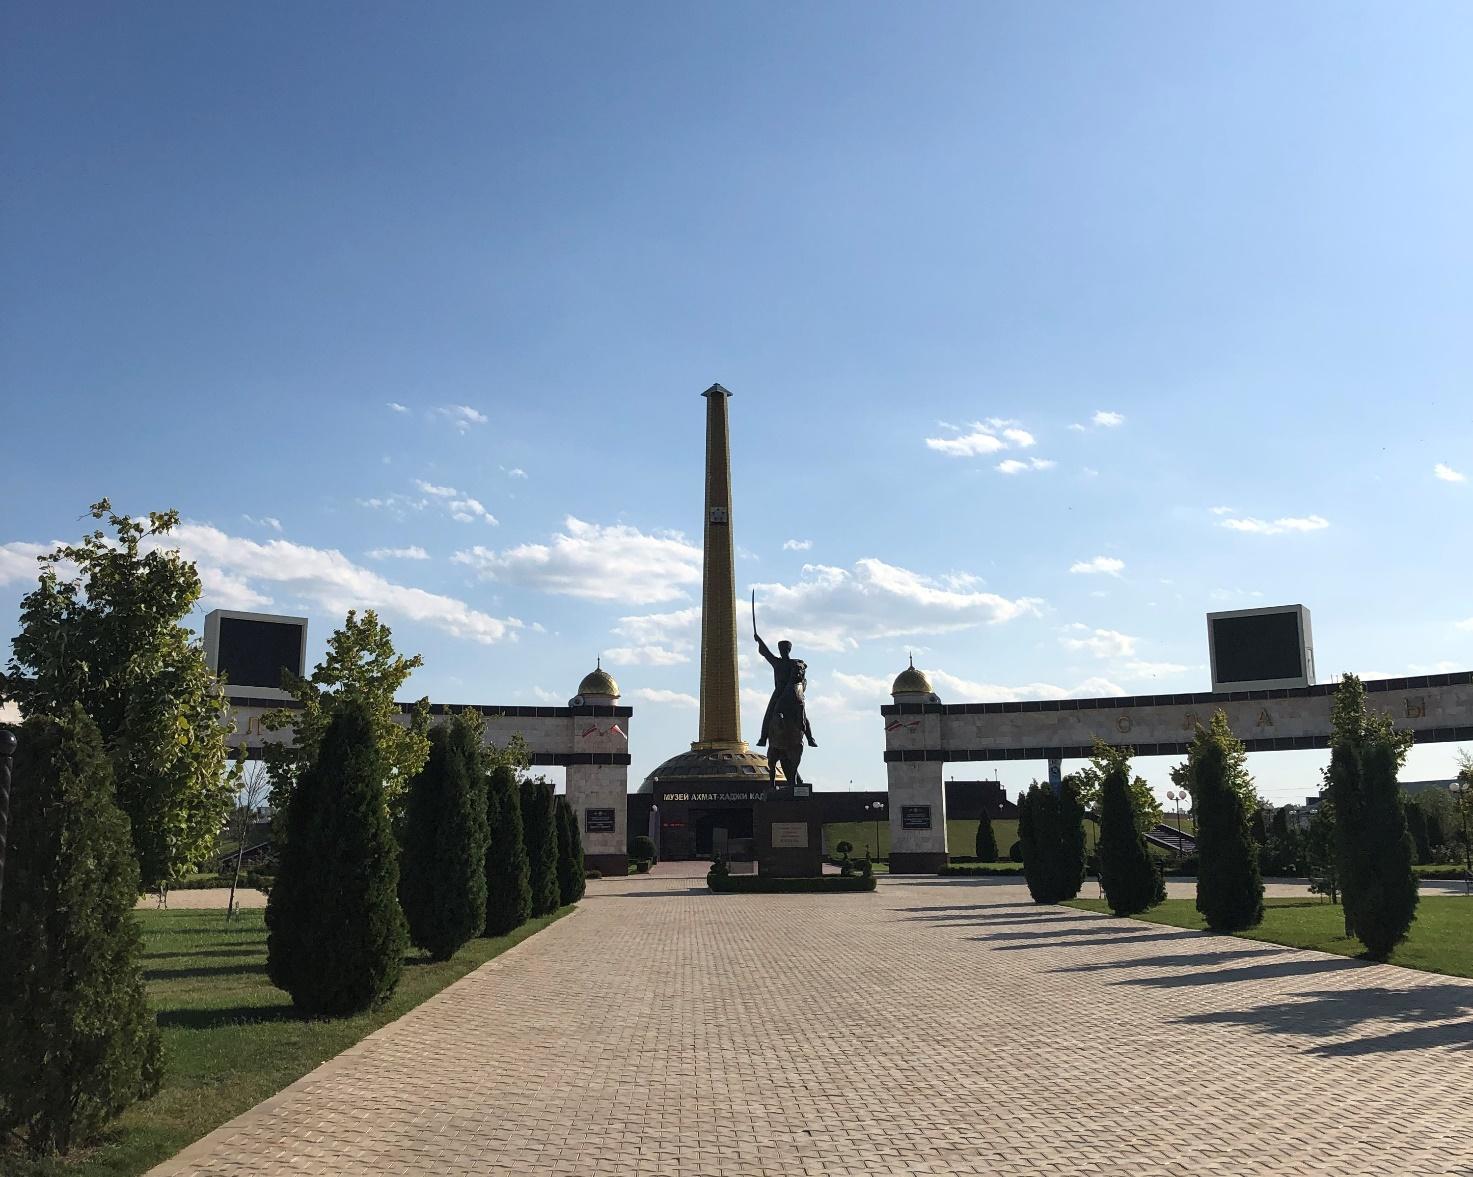 Il museo Akhmat Kadyrov, il presidente ucciso in un attentato il 9 maggio 2004.